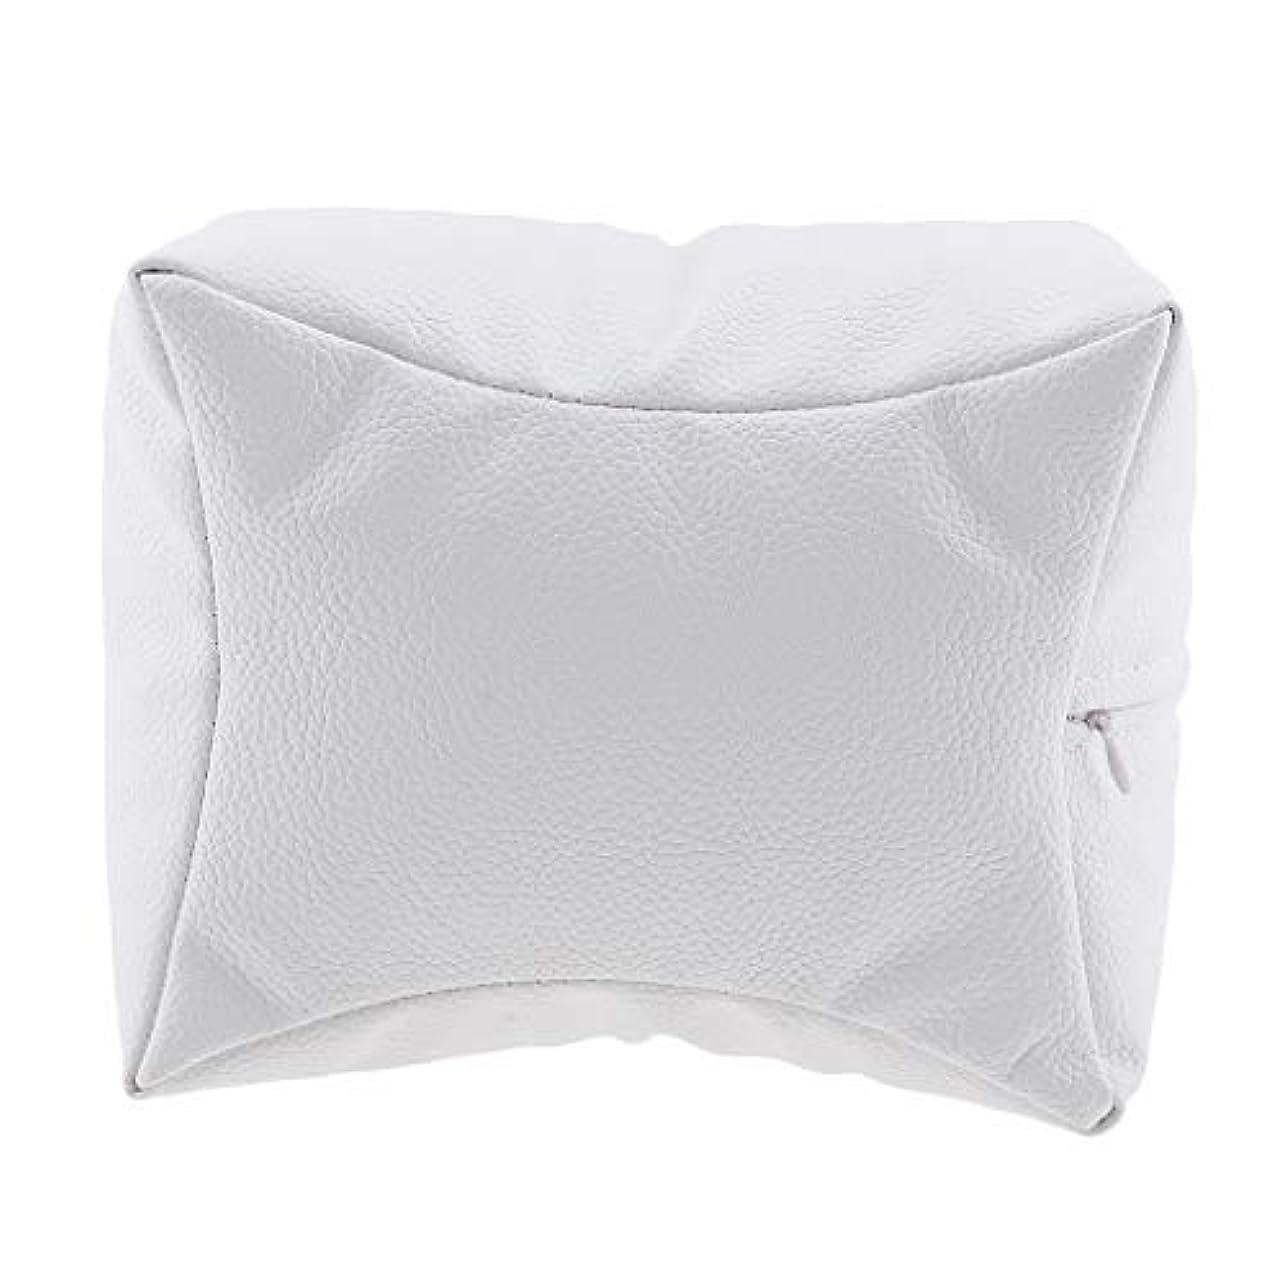 起業家筋肉の憂慮すべきネイルアート 手枕 ハンドピロー レストピロー ハンドクッション ネイルサロン 4色選べ - 白